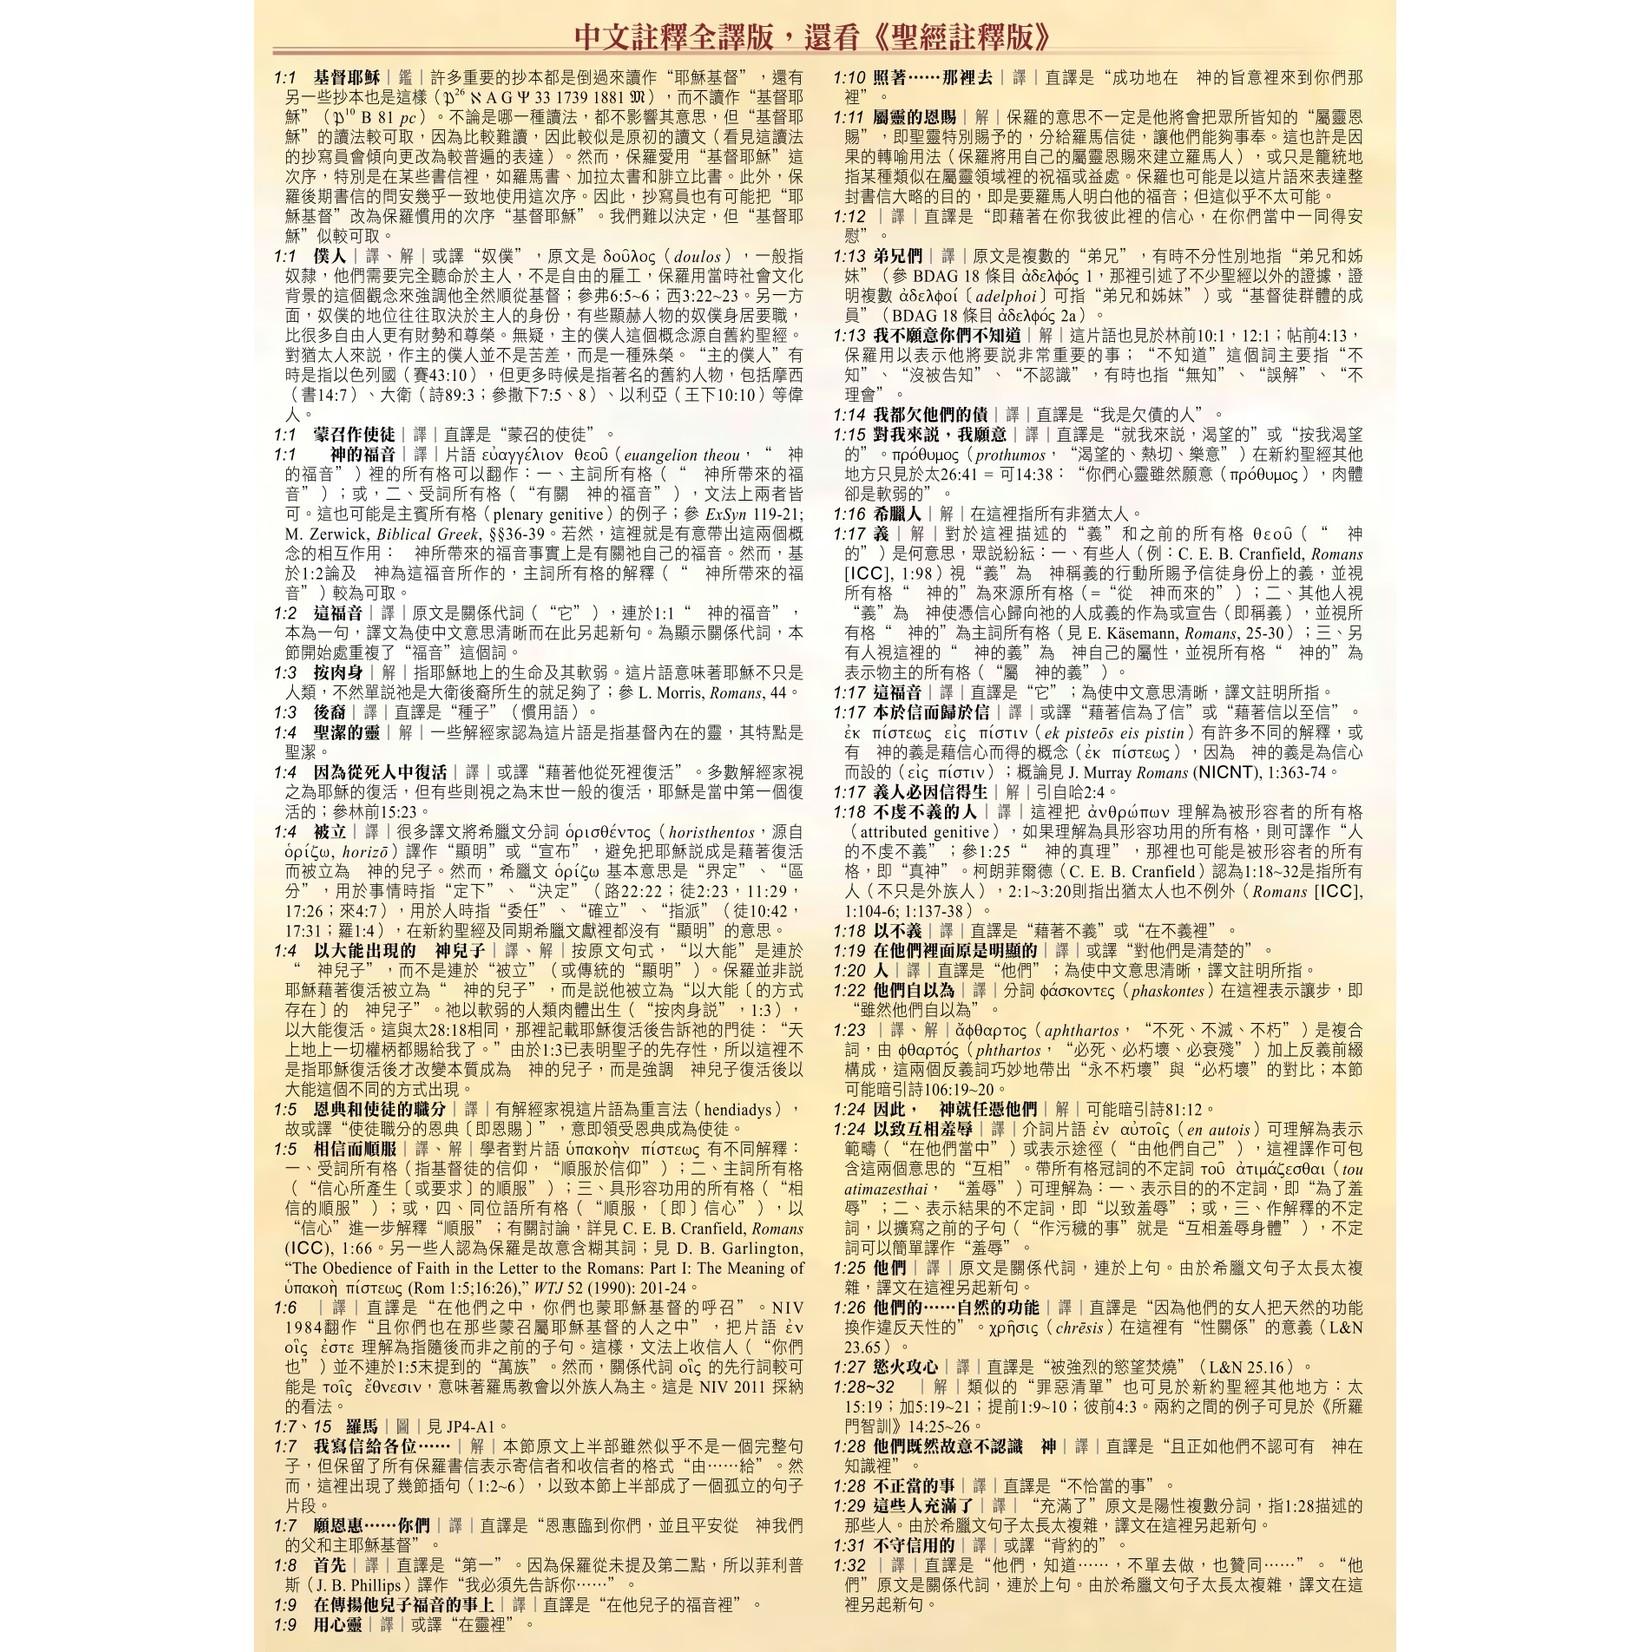 環球聖經公會 The Worldwide Bible Society 聖經.新約全書.新譯本註釋版.標準裝.彩色精裝白邊.繁體 Net Bible New Testament – Standard Size Hardcover